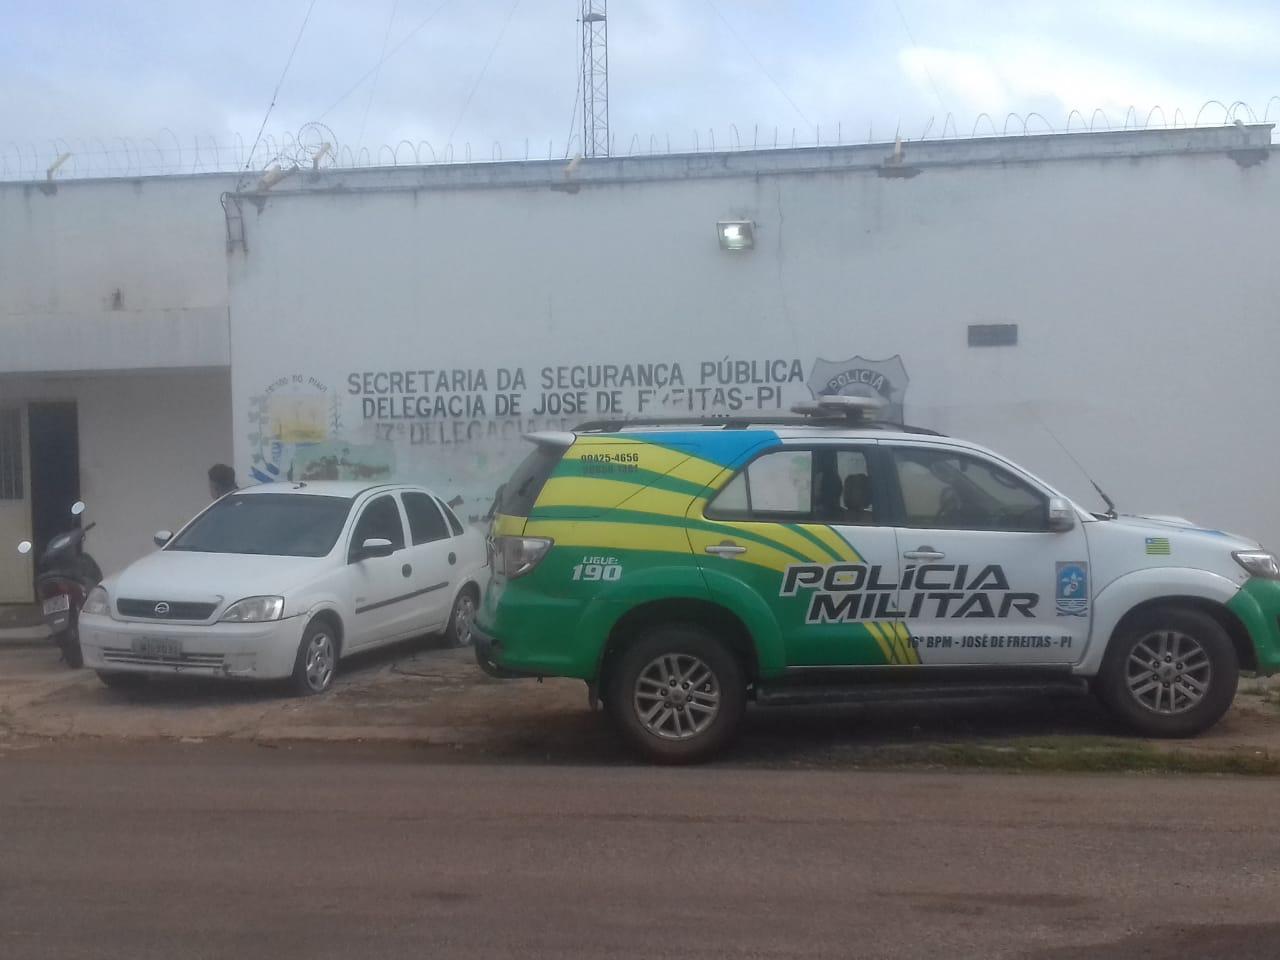 Dupla que assaltou casa de oficial da PM é presa em José de Freitas